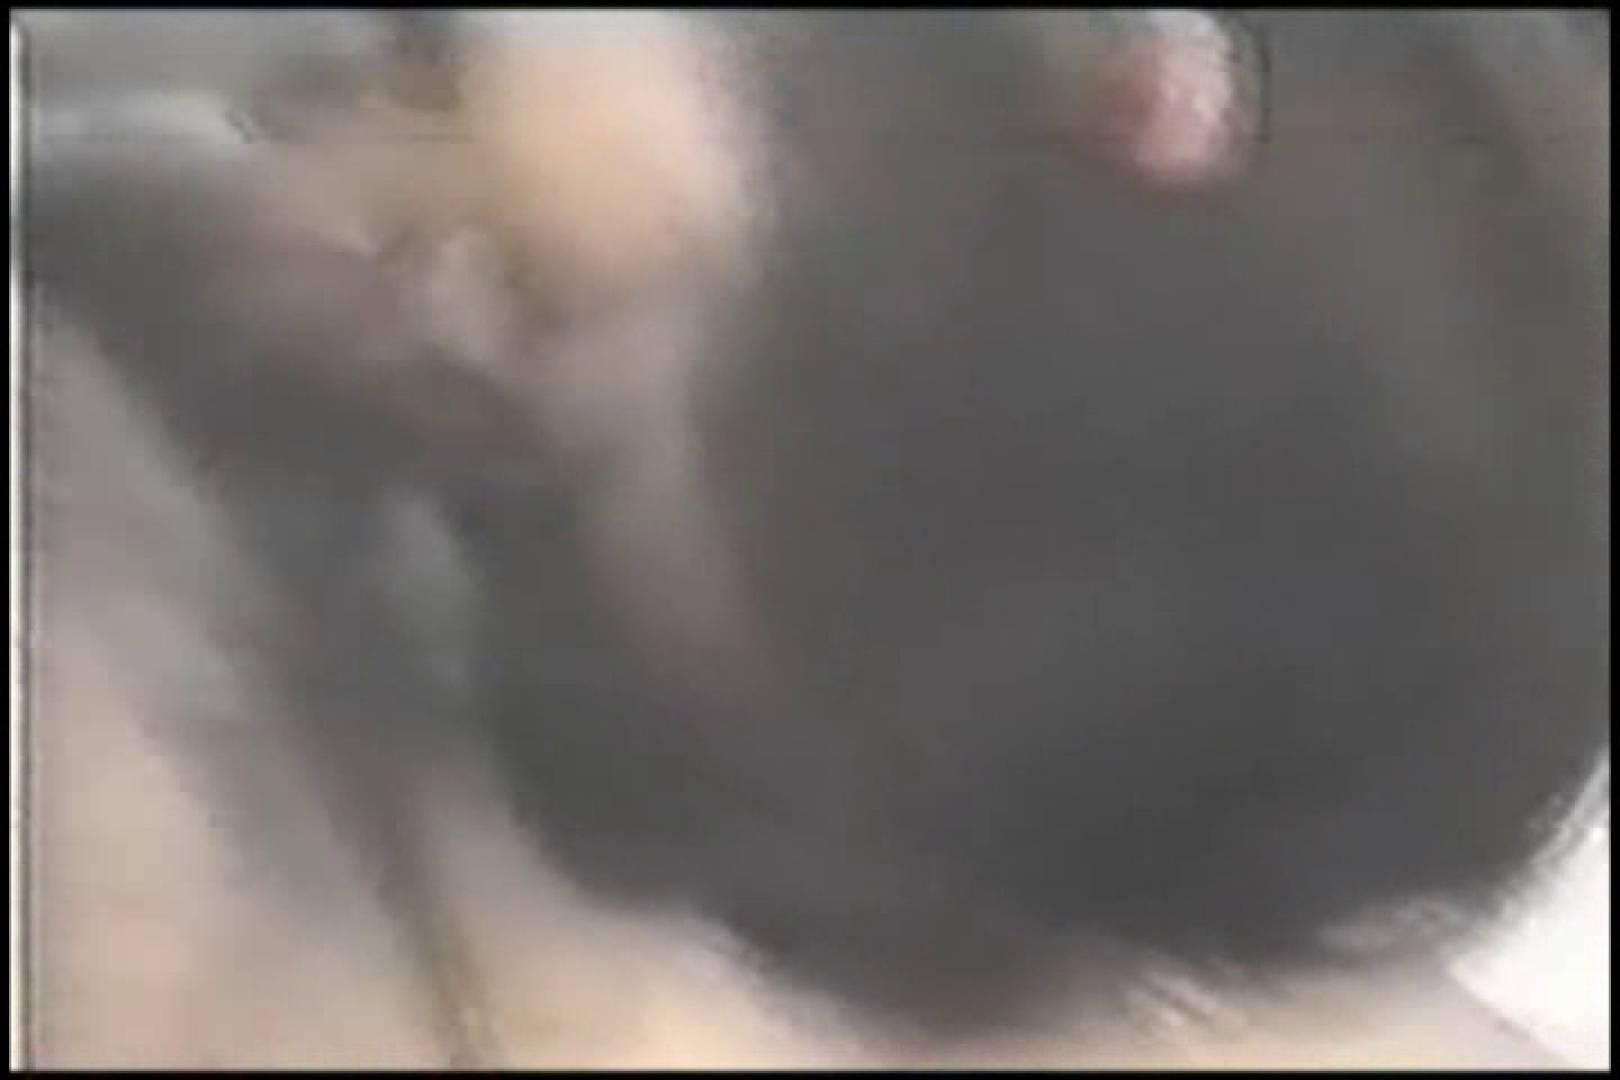 前後不覚に酔っている女を撮影する鬼畜親父 鬼畜 性交動画流出 56pic 47